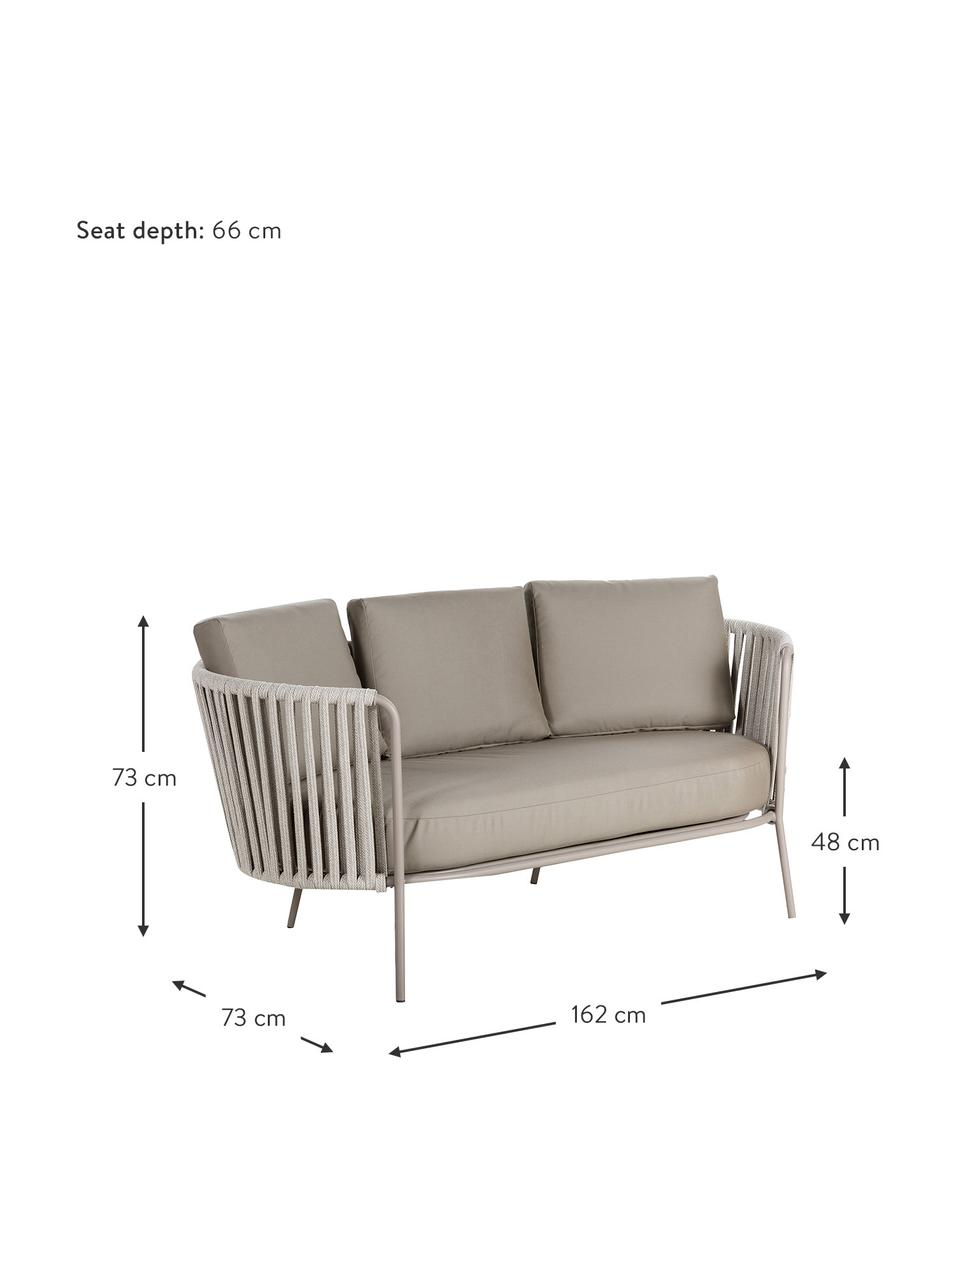 Sofa ogrodowa z tapicerowanym siedziskiem Sunderland (2-osobowa), Nogi: stal cynkowana galwaniczn, Tapicerka: poliakryl, Taupe, jasny taupe, S 162 x G 73 cm